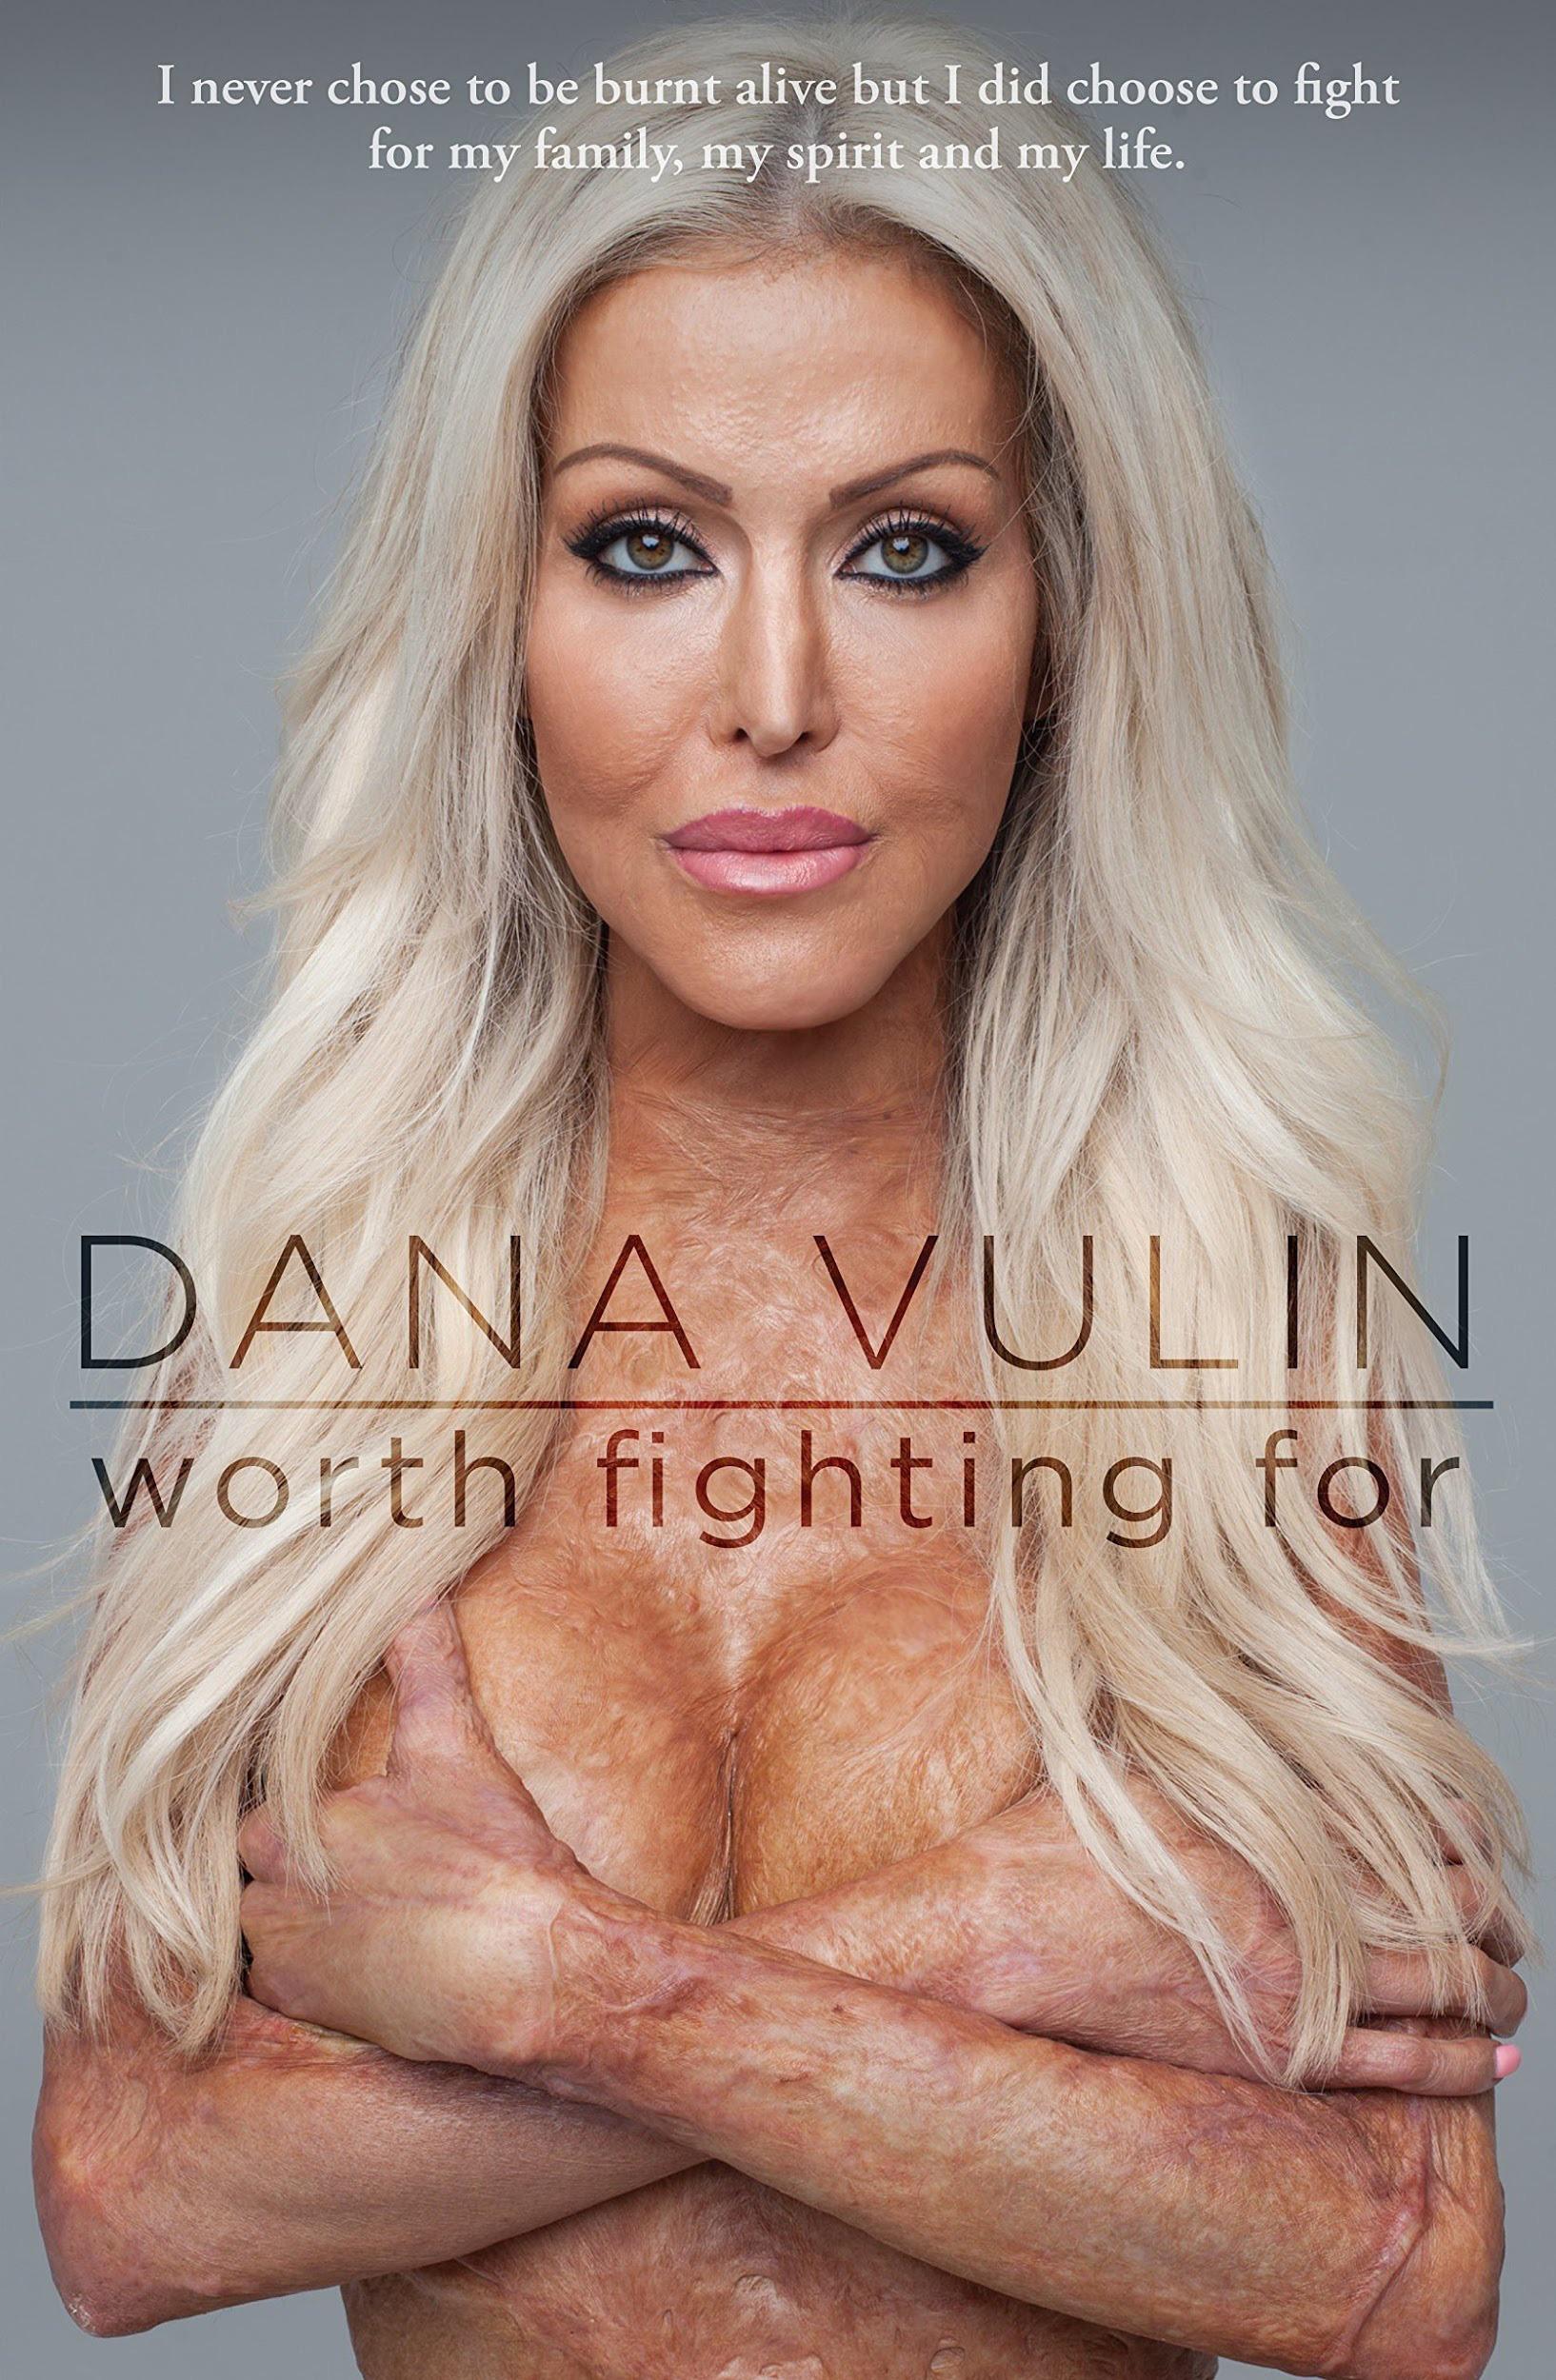 """Dana ghi lại toàn bộ hành trình tìm lại sự sống của mình trong cuốn sách có tên """"Worth fighting for"""" (tạm dịch: Đáng để đấu tranh). Toàn bộ lợi nhuận thu được từ việc bán sách đều được cô quyên góp cho quỹ từ thiện Burns Foundation để giúp đỡ những nạn nhân của tai nạn bỏng."""